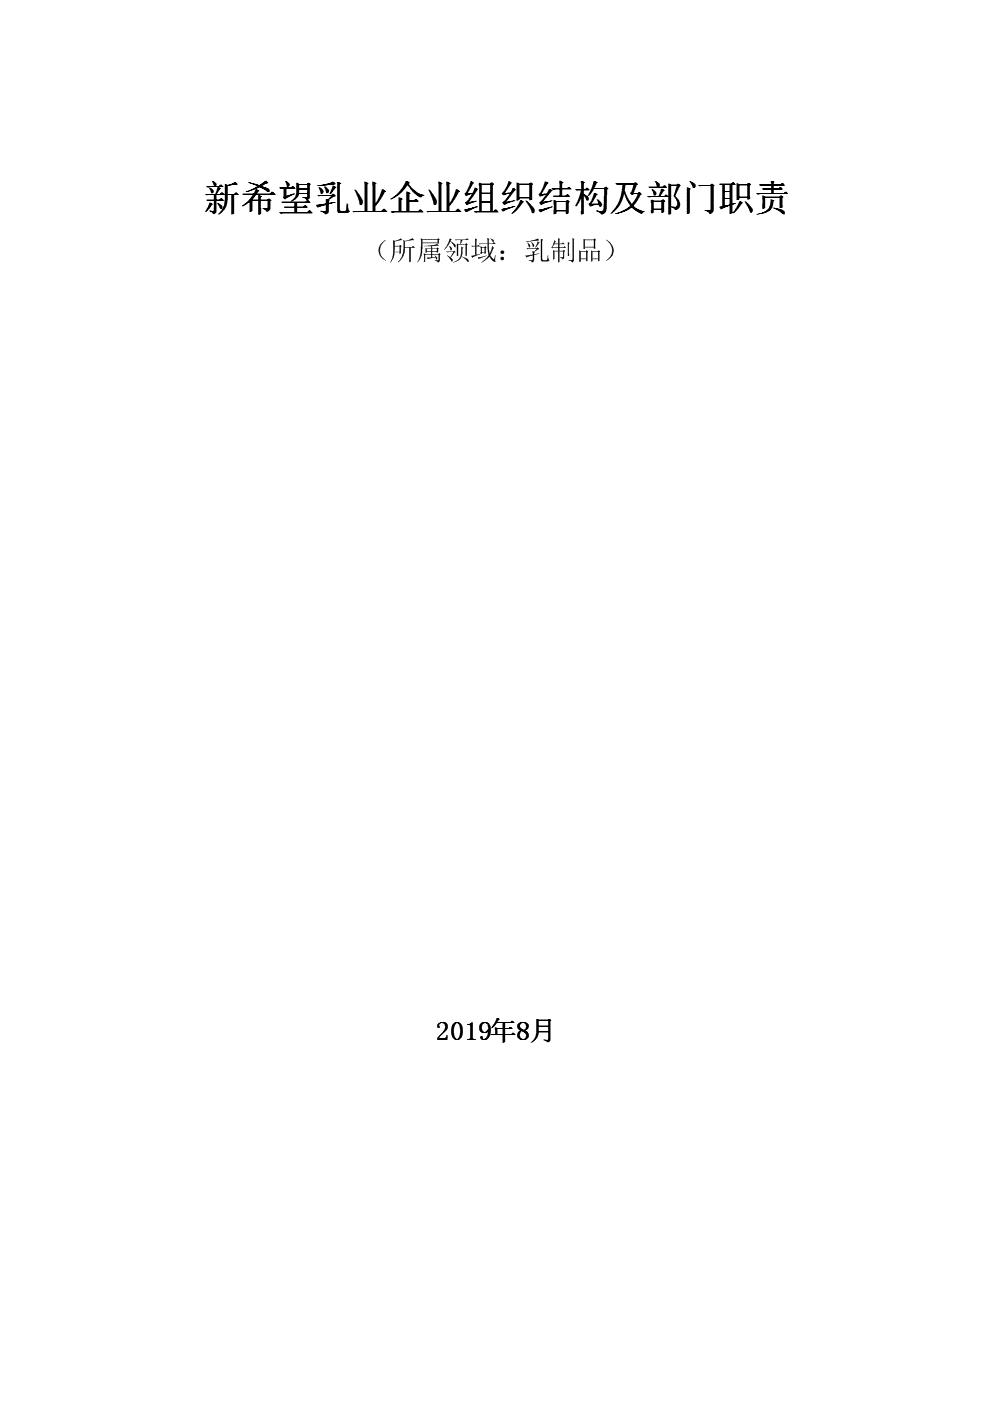 乳制品领域:新希望乳业企业组织结构及部门职责.doc